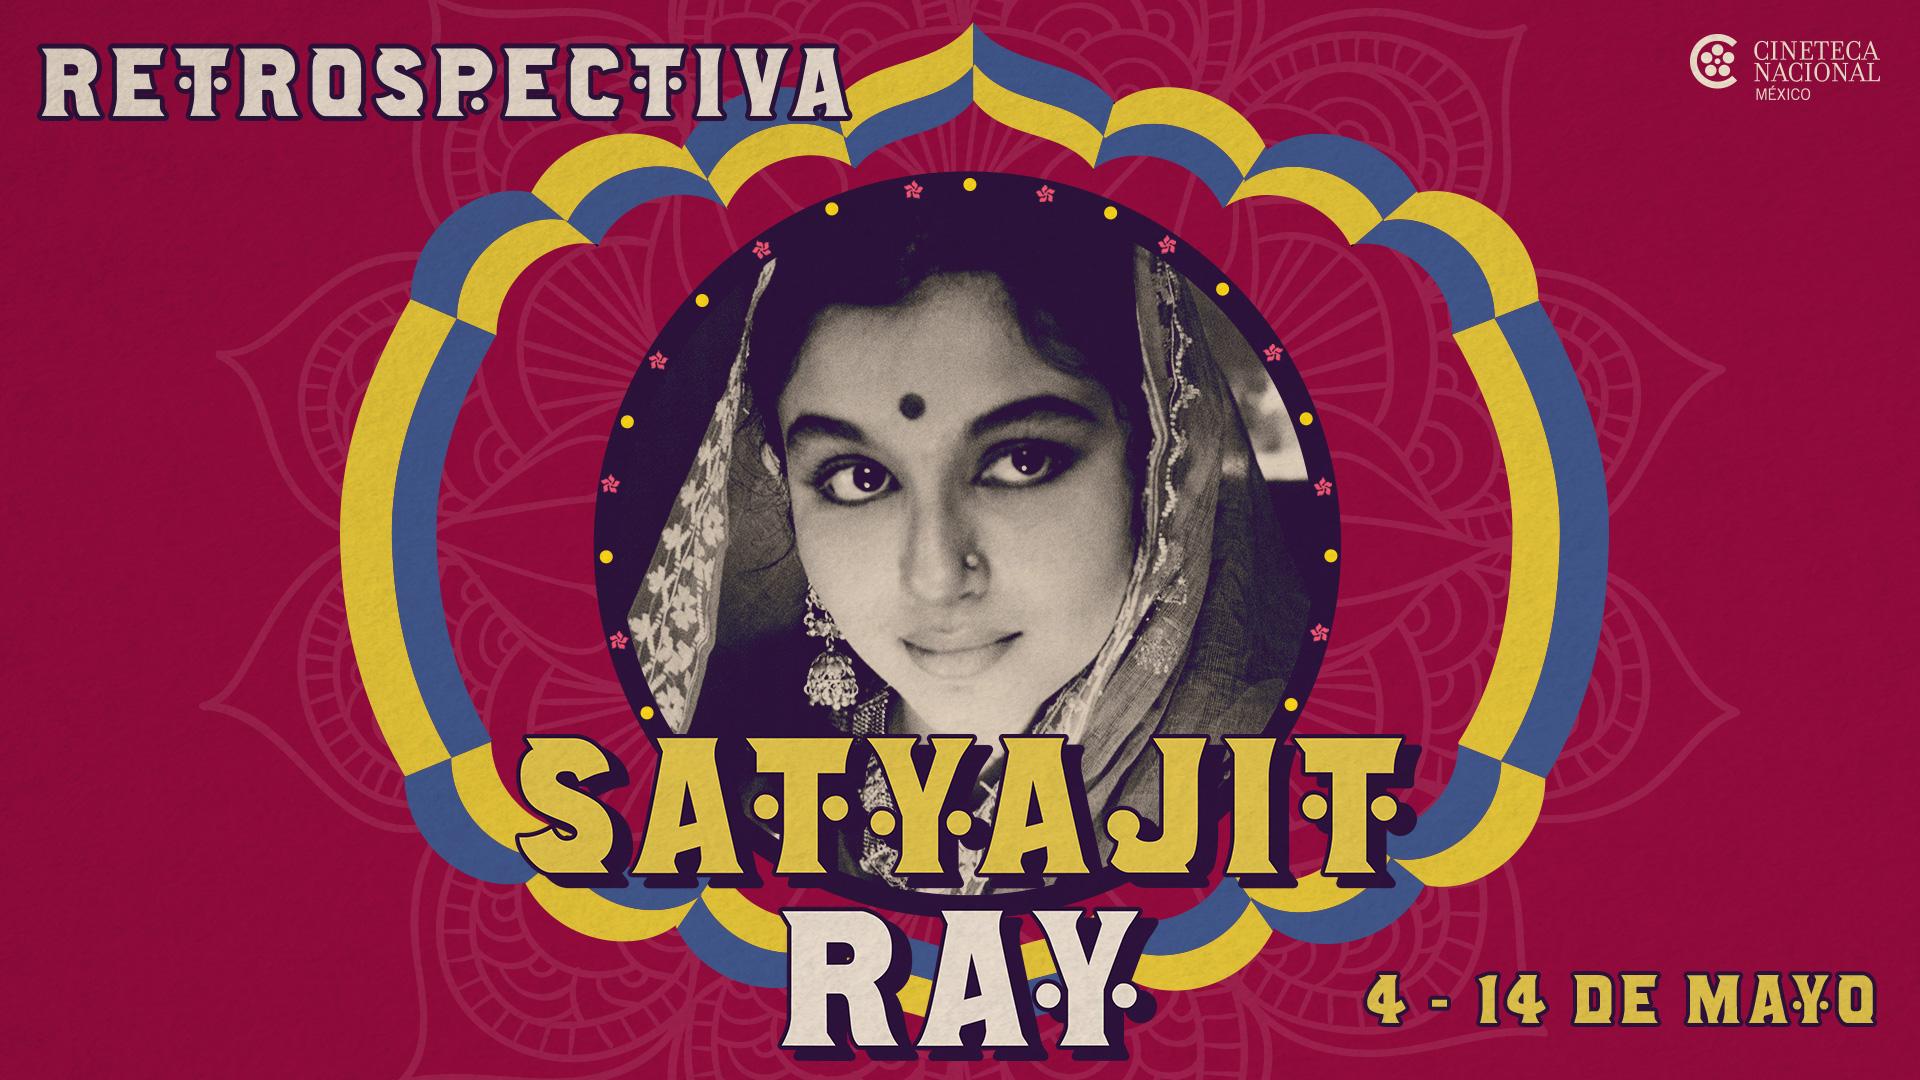 Retrospectiva-Satyajit-Ray1920x1080